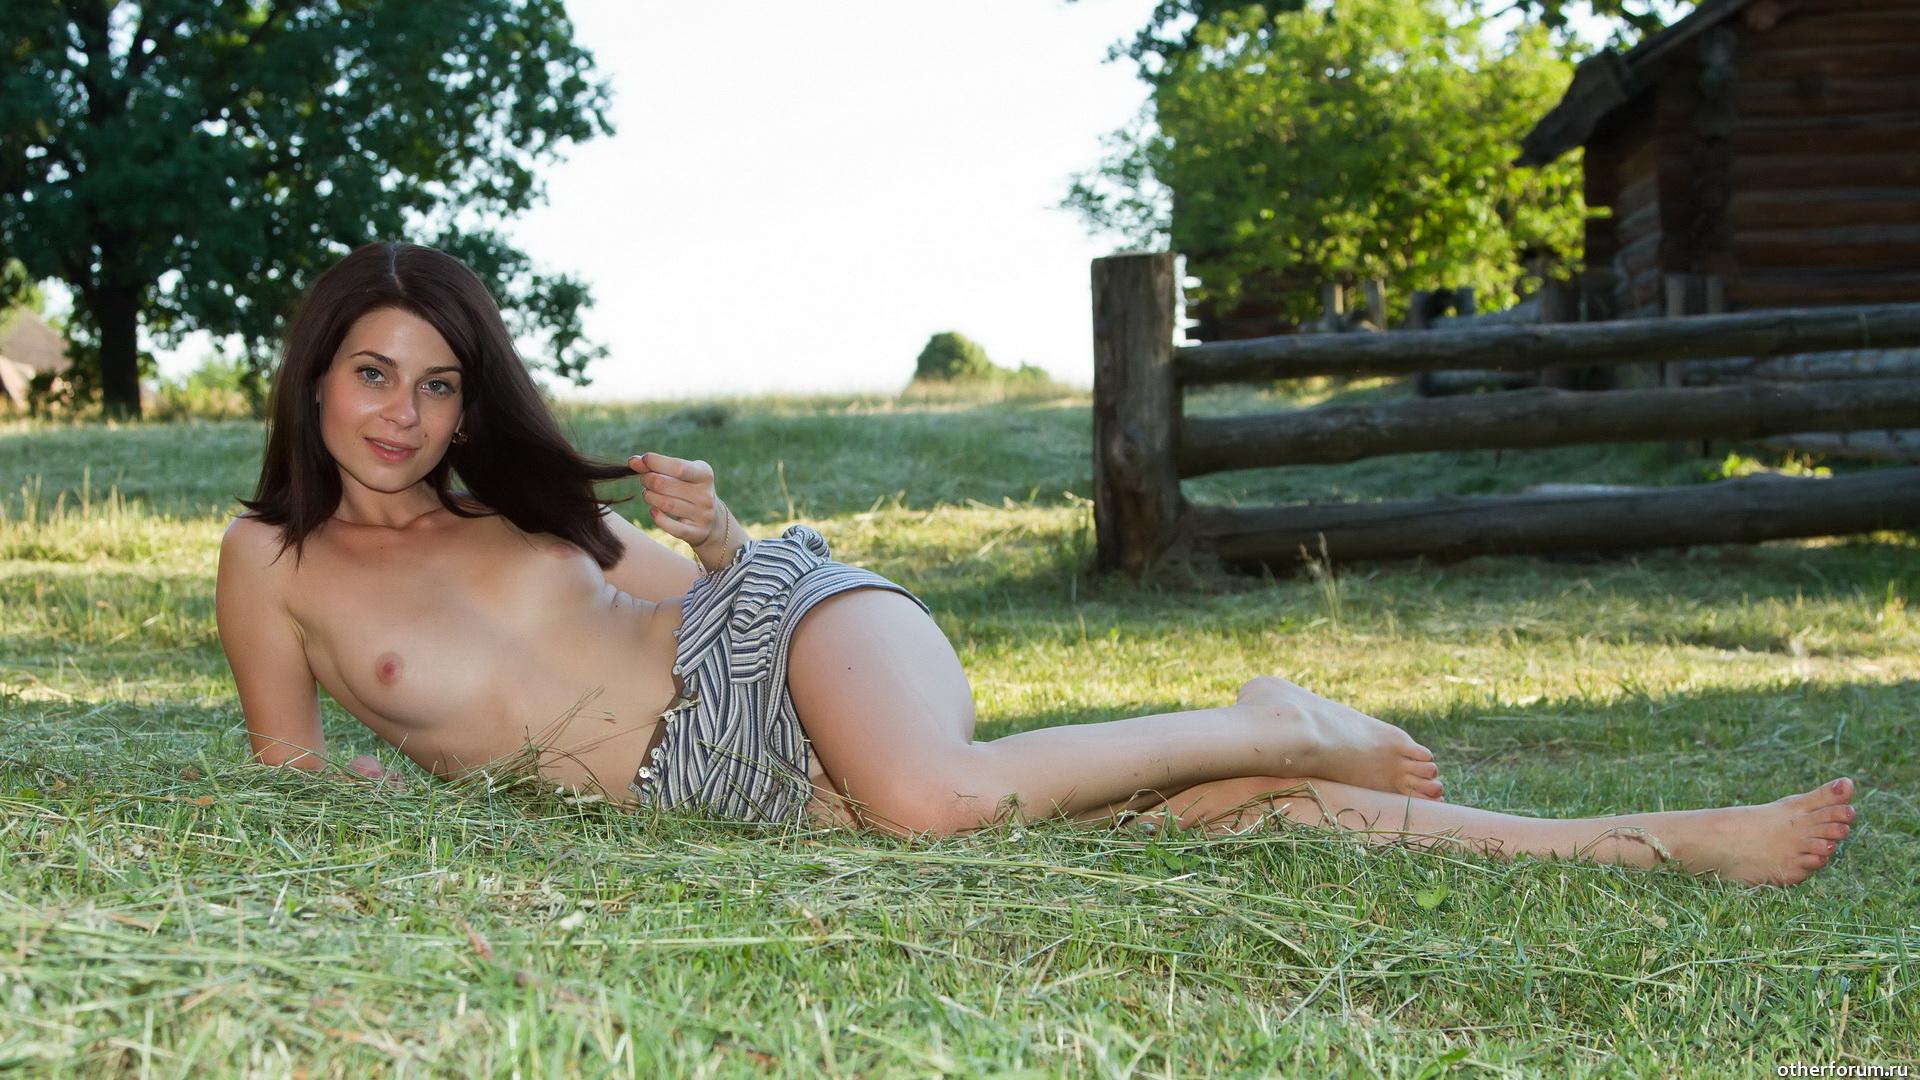 деревенская проститутка фото